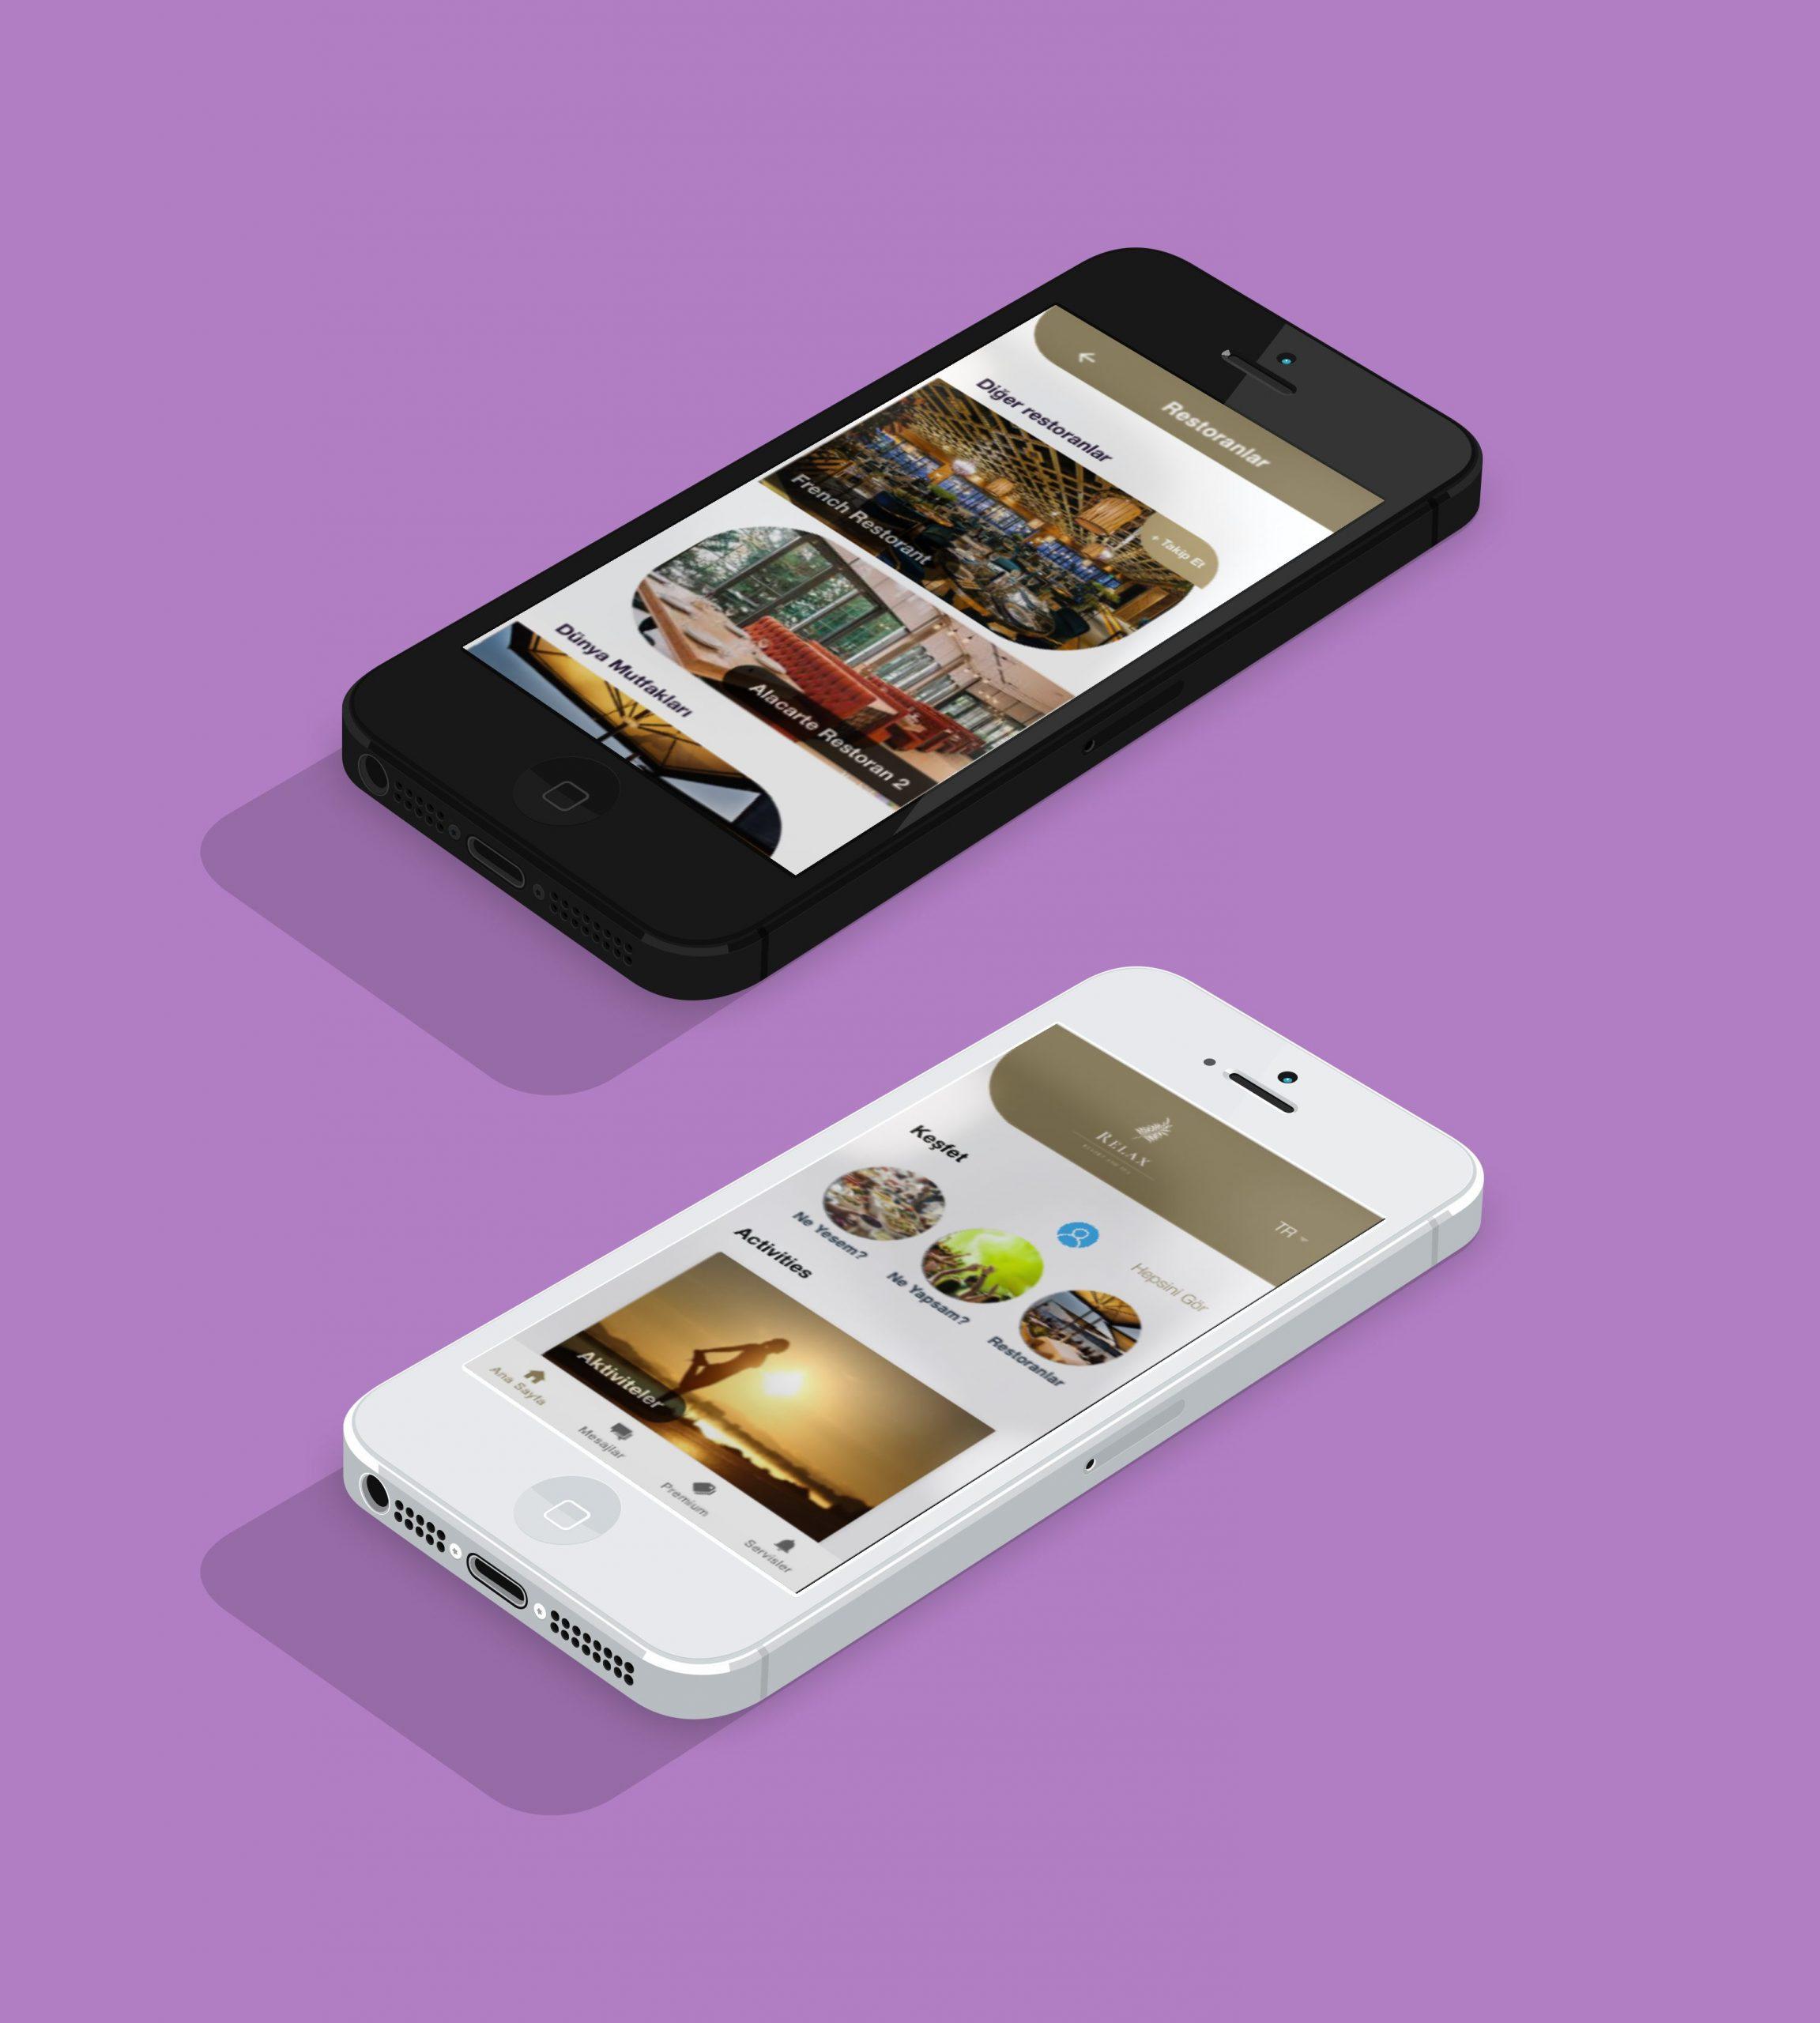 Takip Edilen Hizmetlere Göre Bildirim Alabilme mobil otel yönetim sistemi